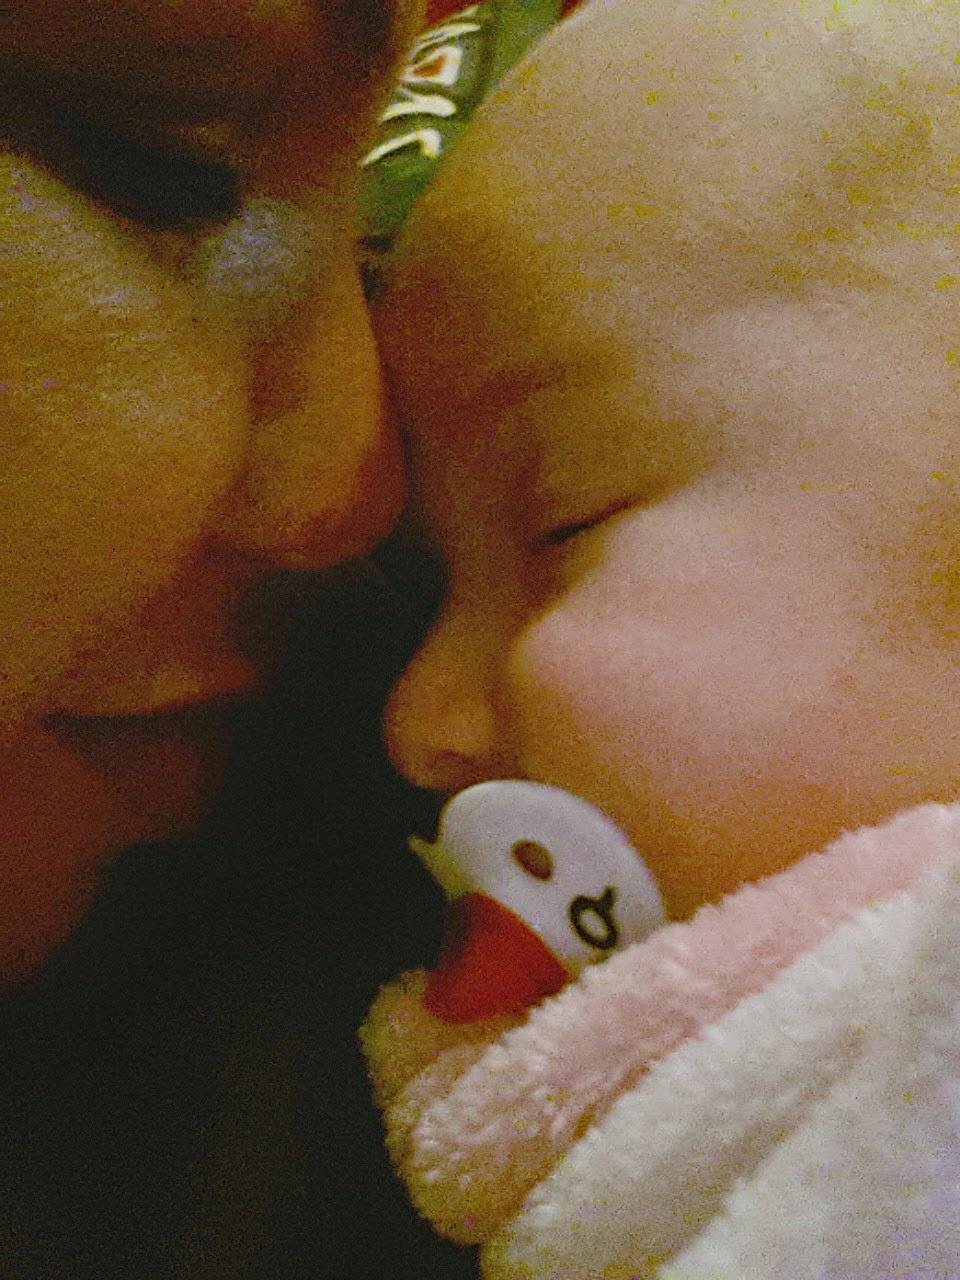 Violência no parto#Agressão no parto#Eu não passei por isso!